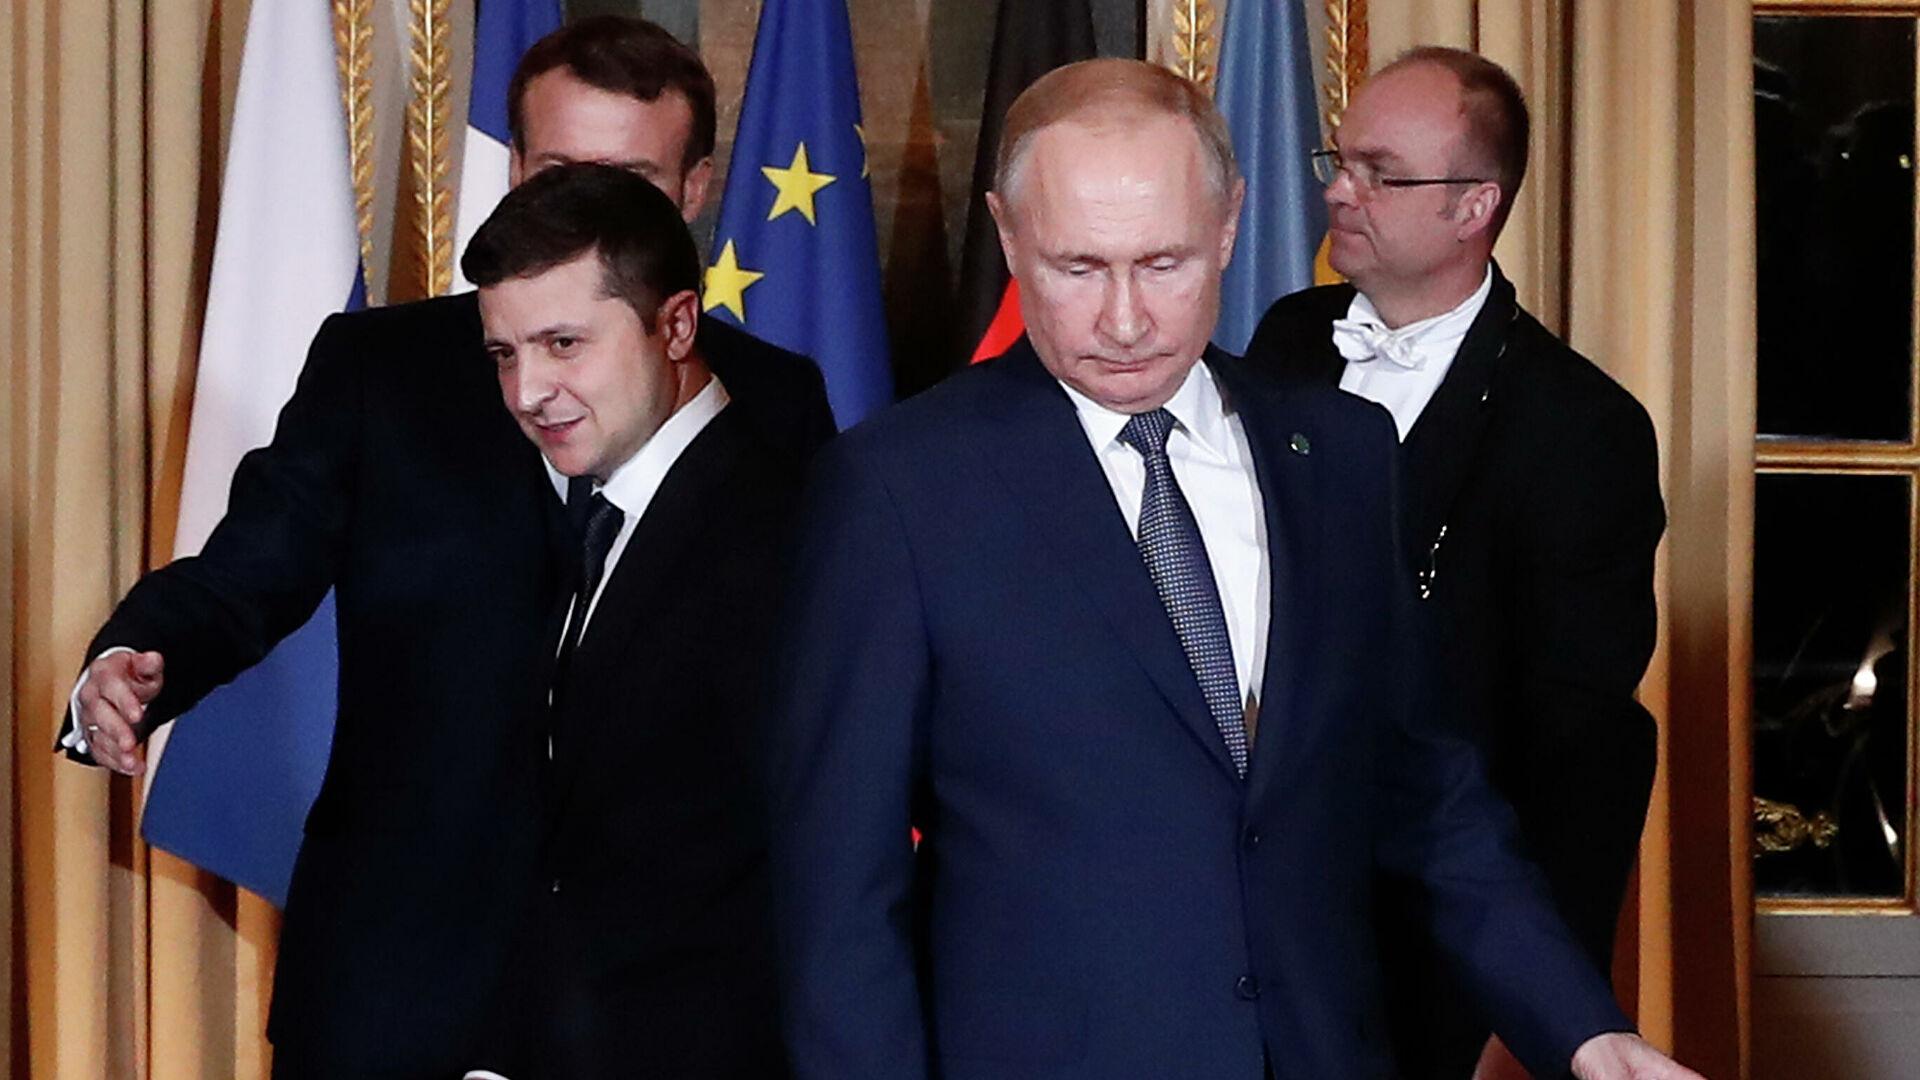 Киев предложил провести встречу Путина и Зеленского в Ватикане